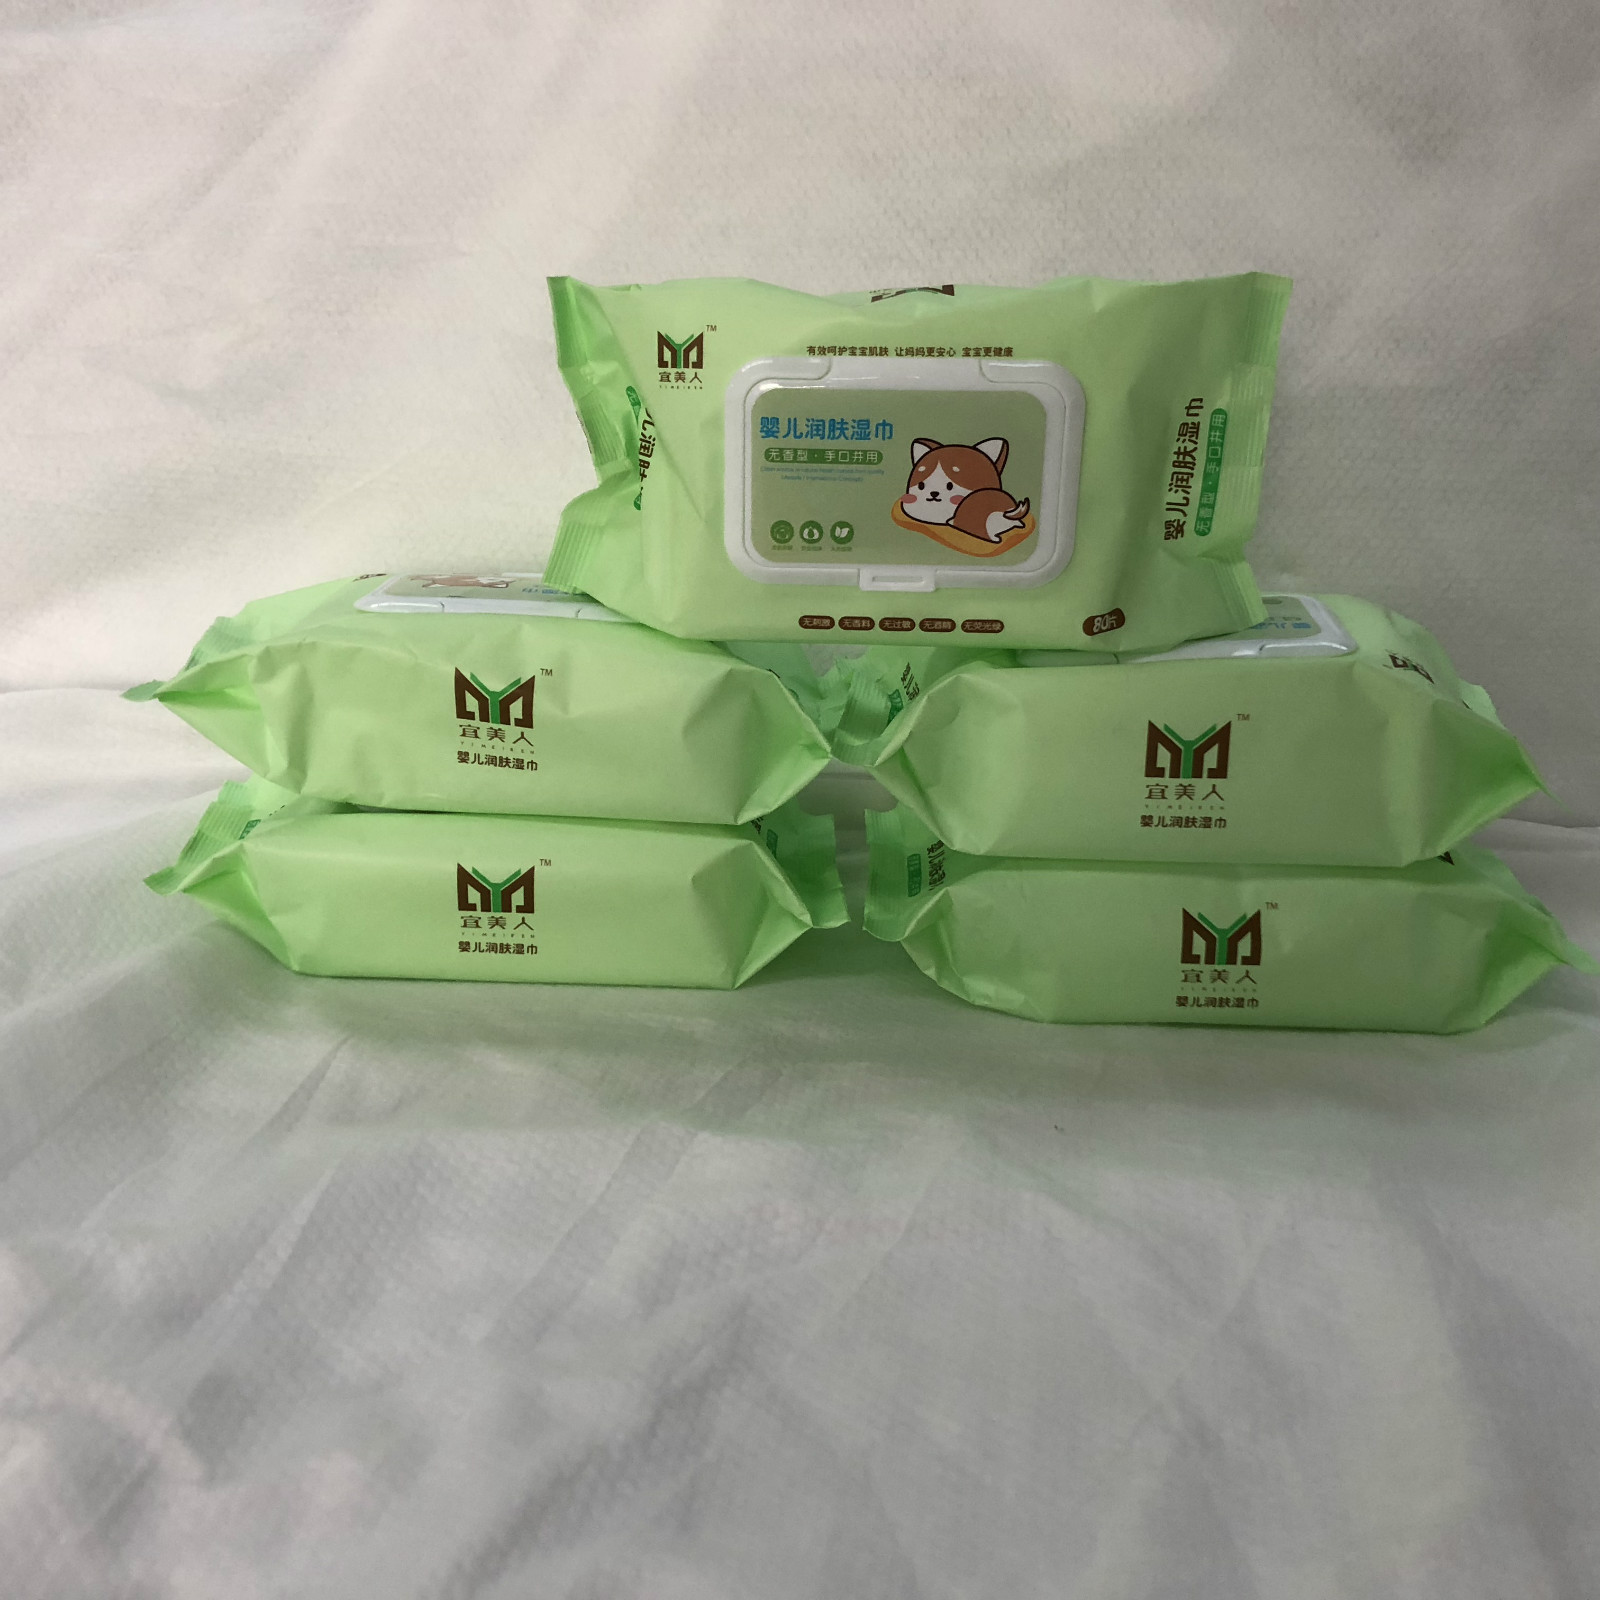 宜美人婴儿润肤手口湿巾绿带盖80抽10包婴幼儿宝宝清洁洗护湿纸巾